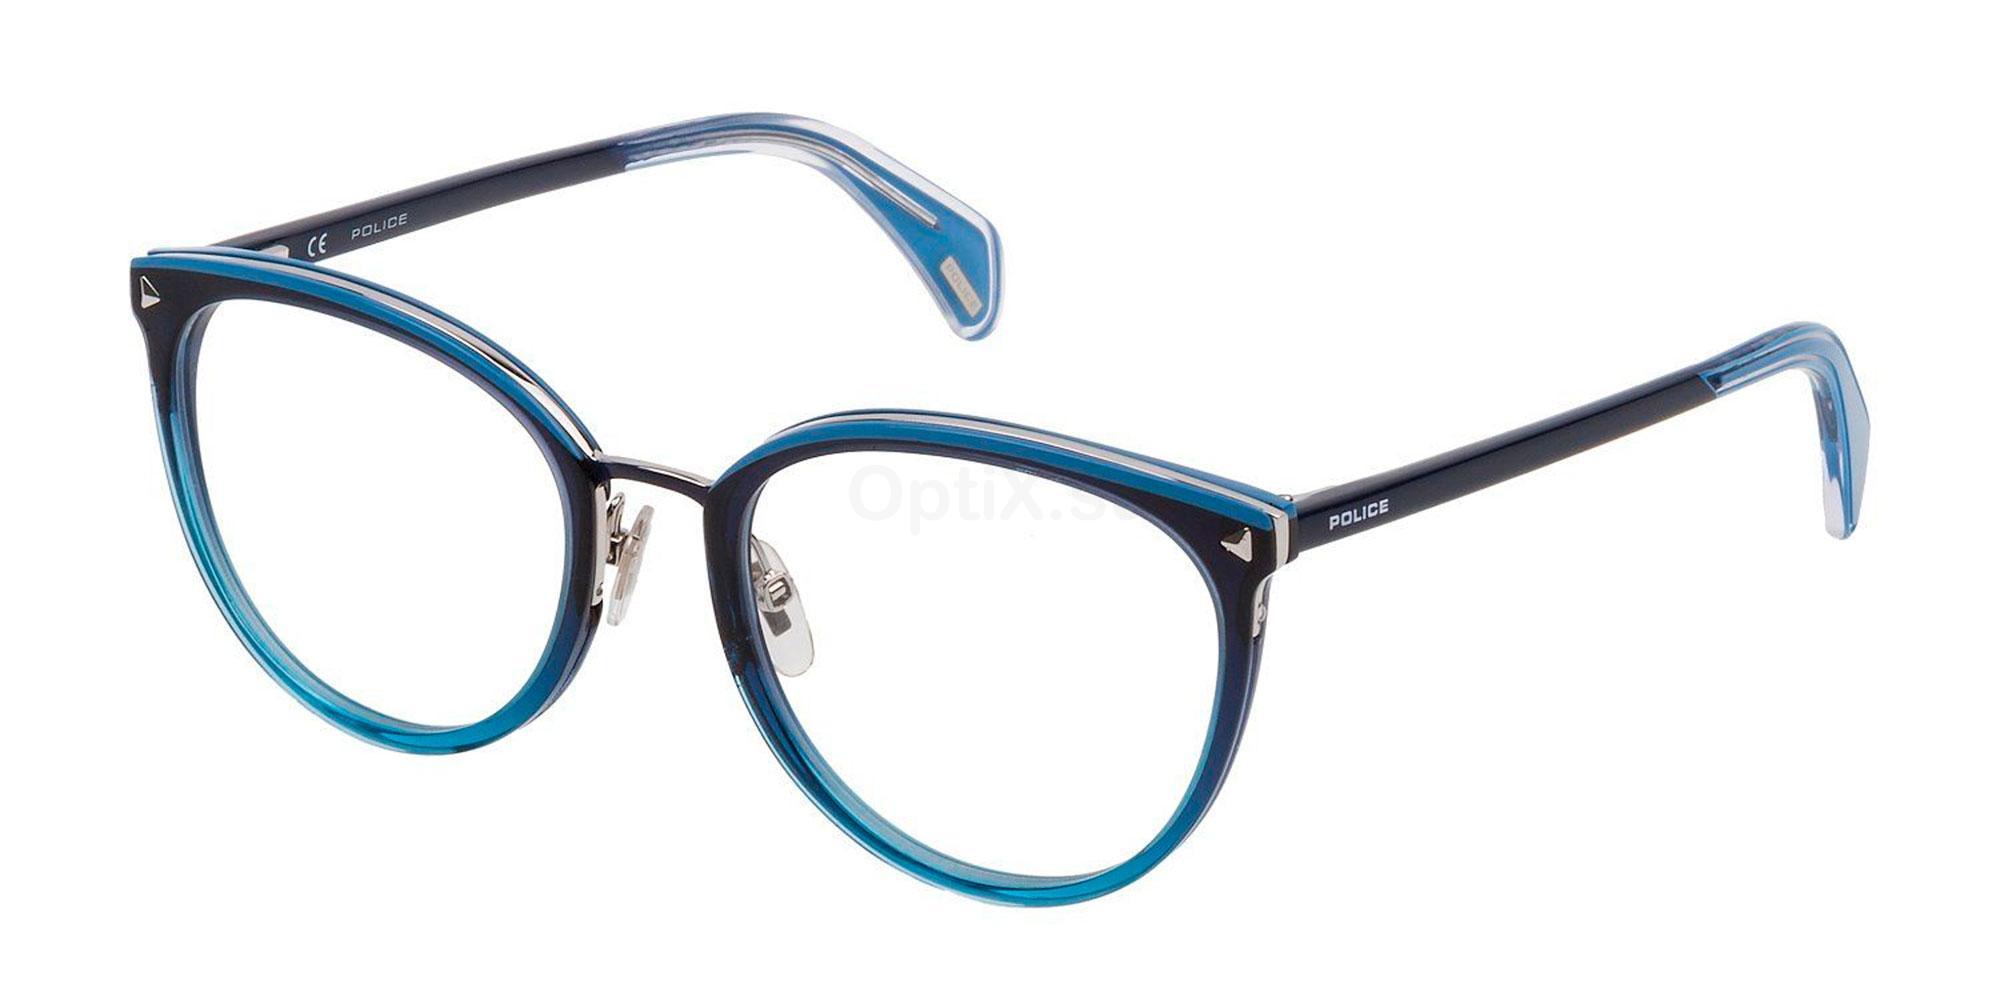 0N91 VPL737 Glasses, Police